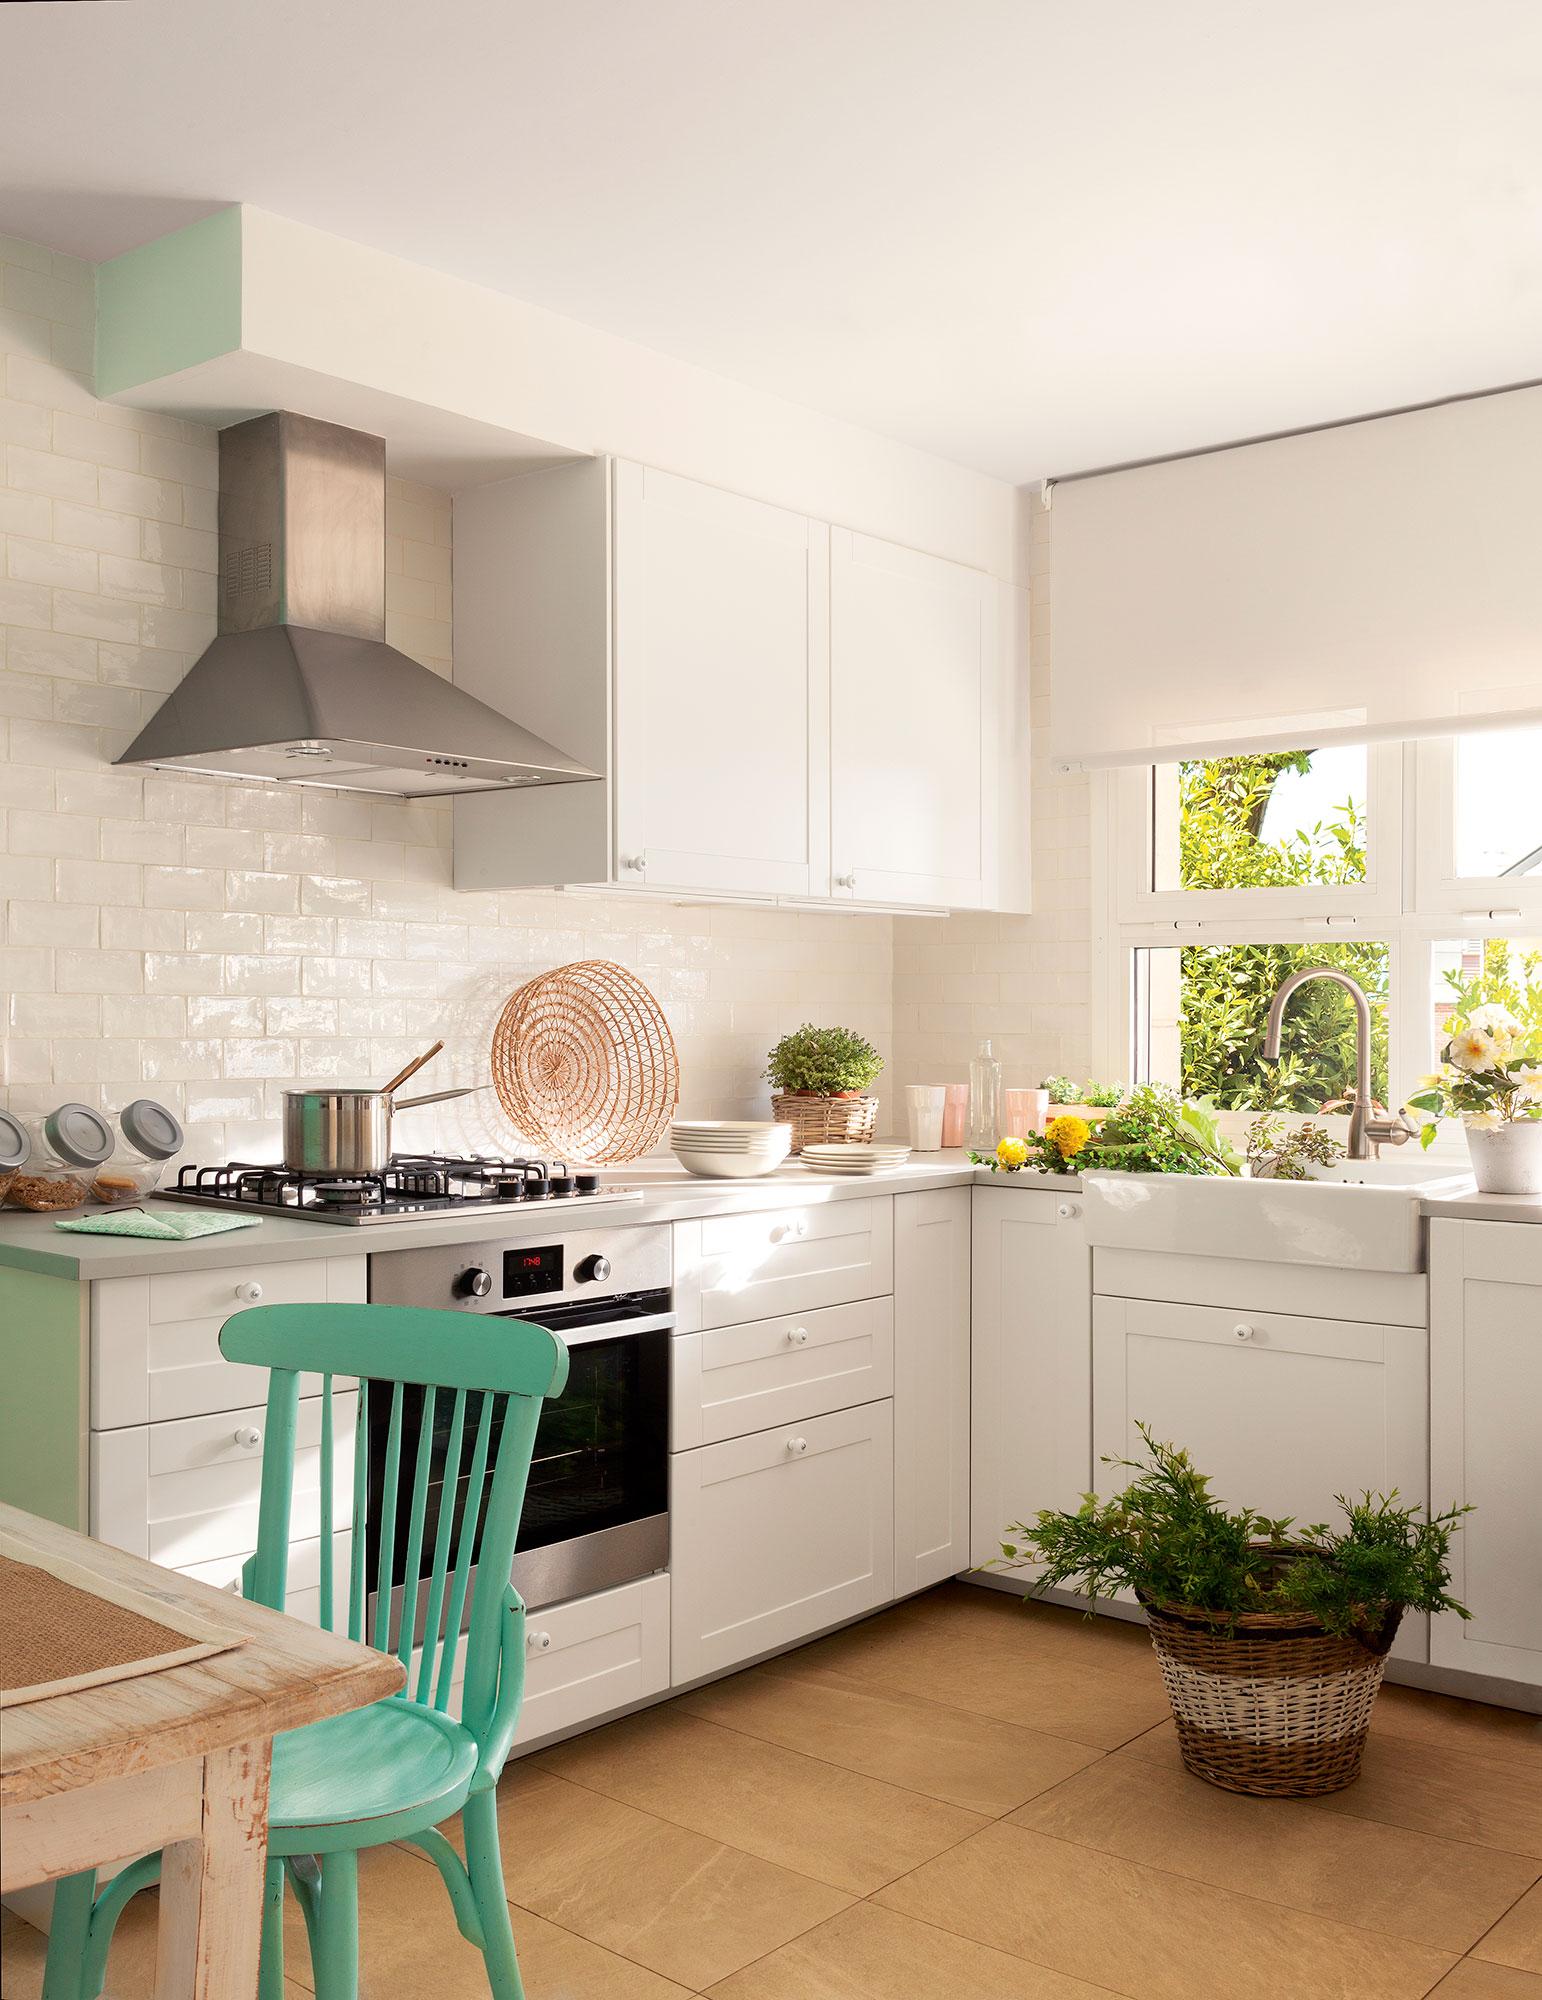 10 ideas infalibles para multiplicar la luz en la cocina - Detalles para la cocina ...